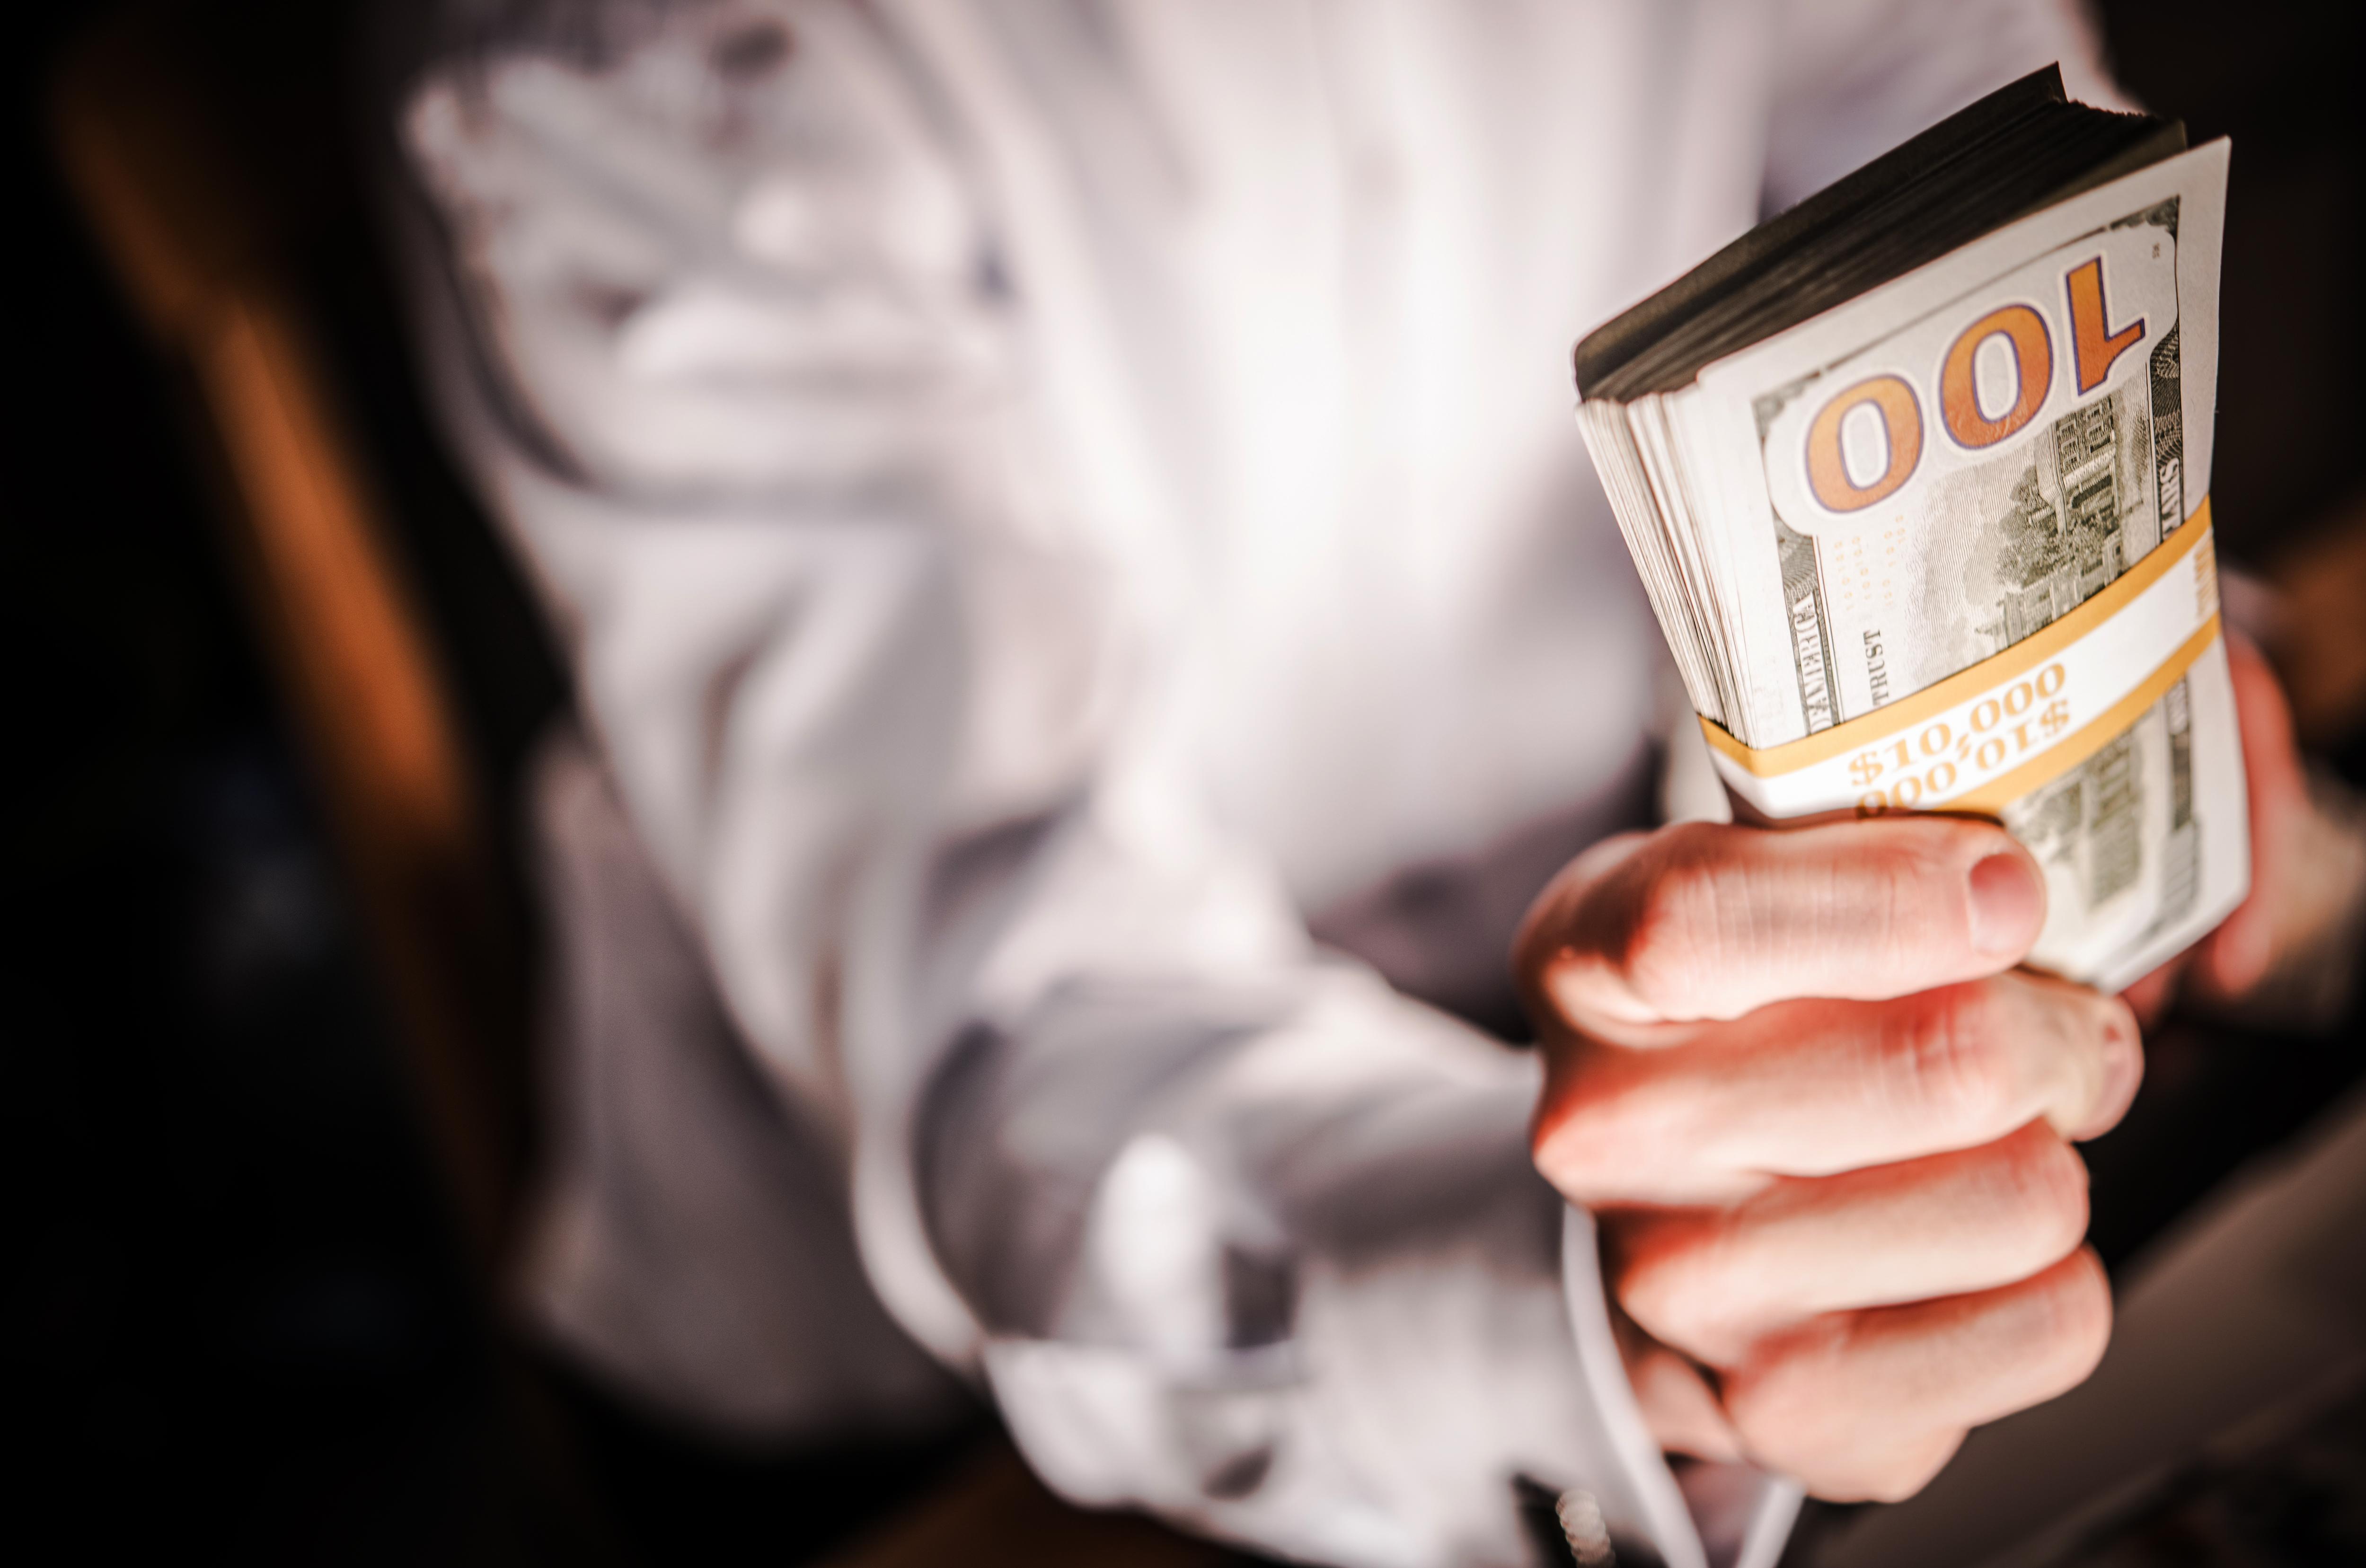 Fotografija moškega, ki v rokah drži šop bankovcev